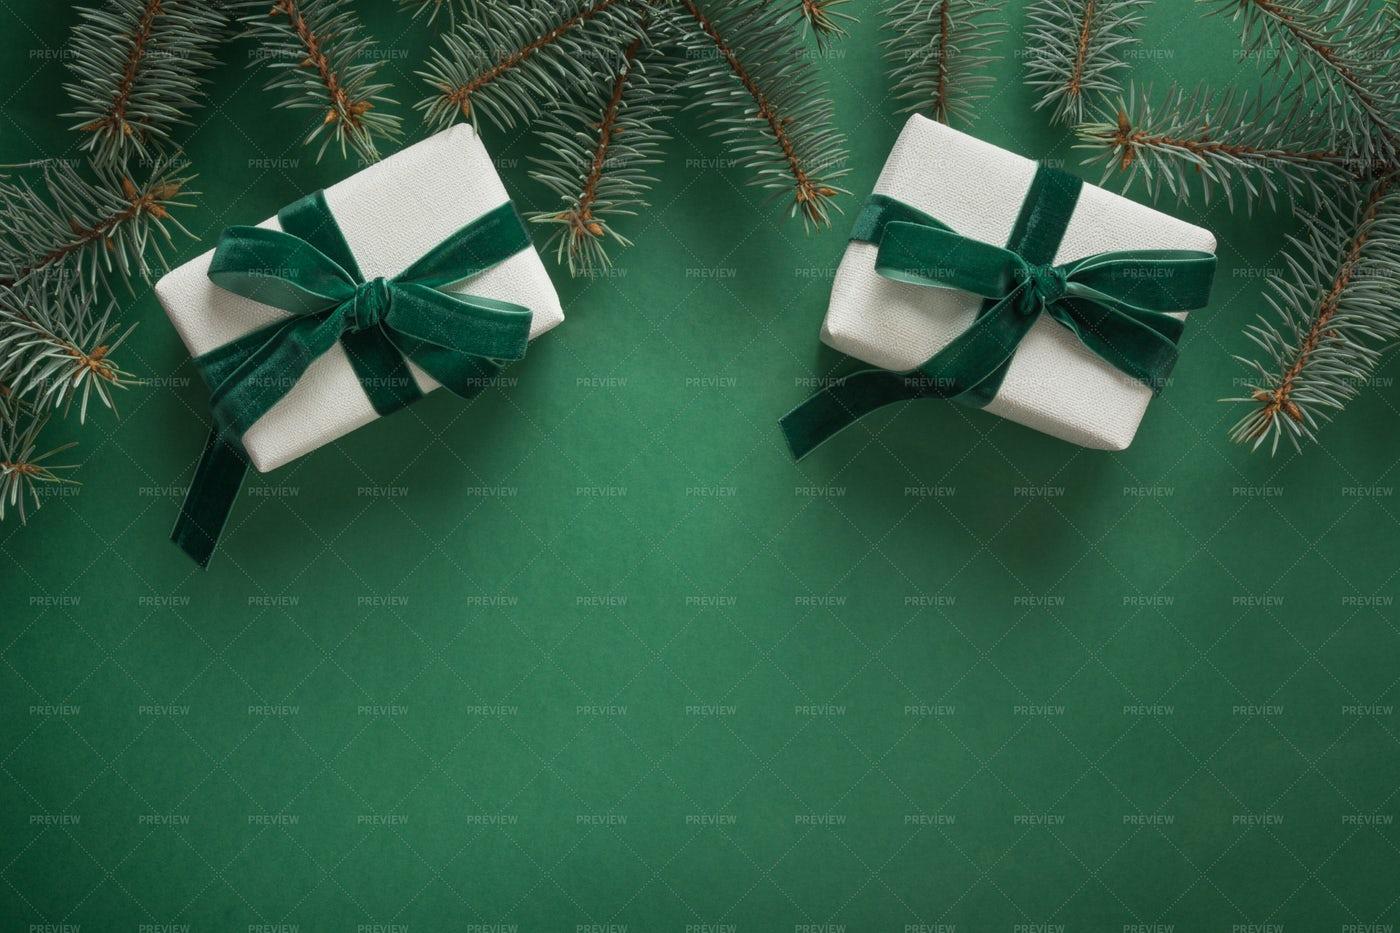 Christmas Green Border: Stock Photos